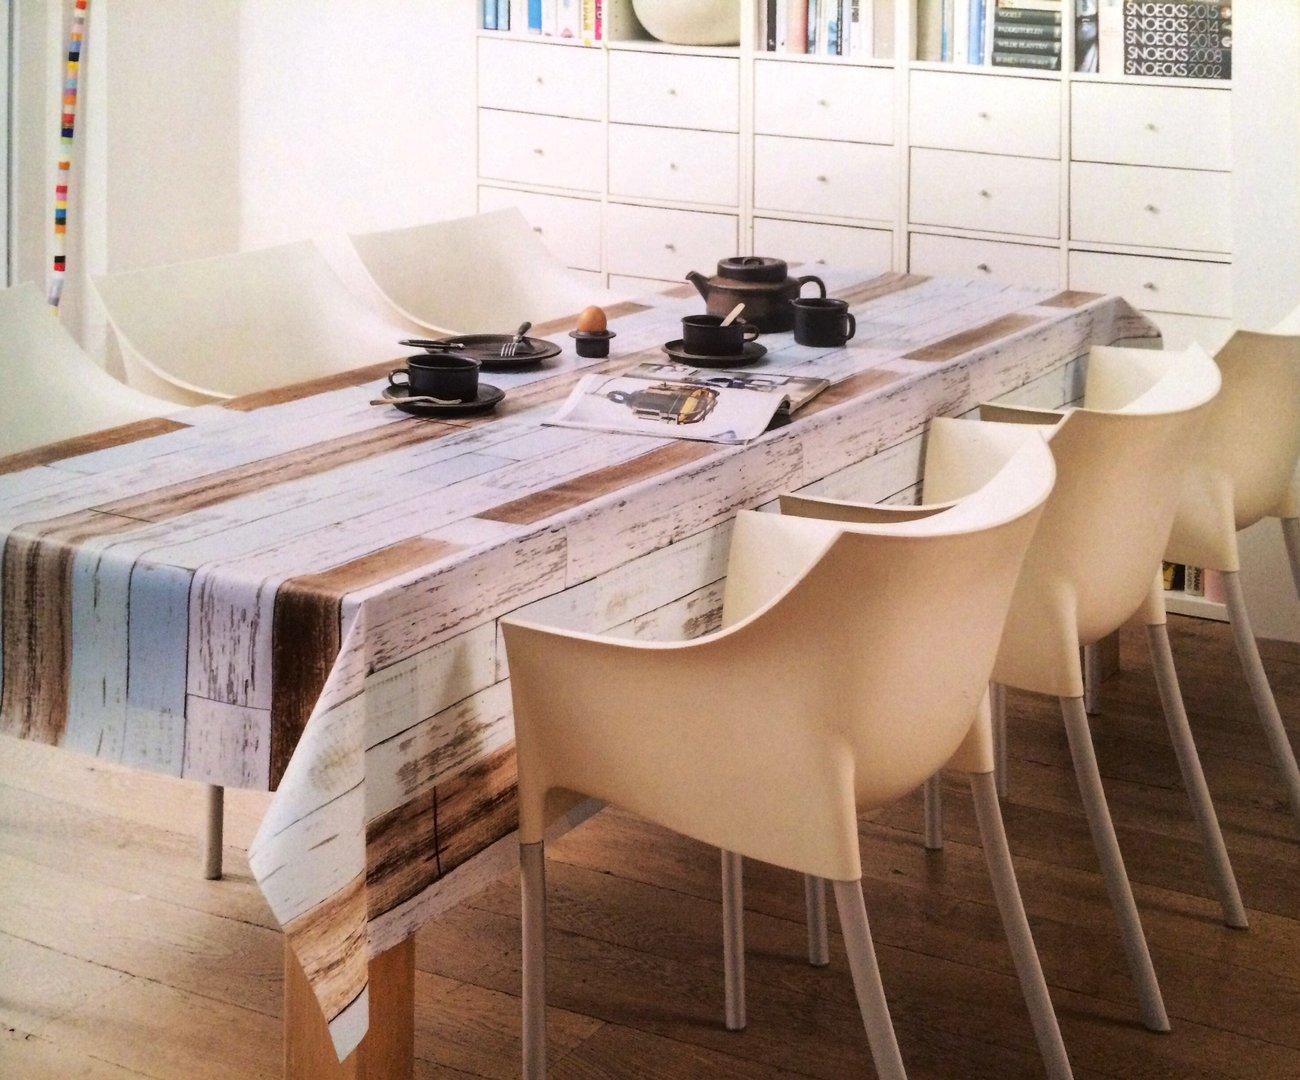 wachstuch tischdecke meterware modern k 150109 holzpanellen eckig rund oval. Black Bedroom Furniture Sets. Home Design Ideas